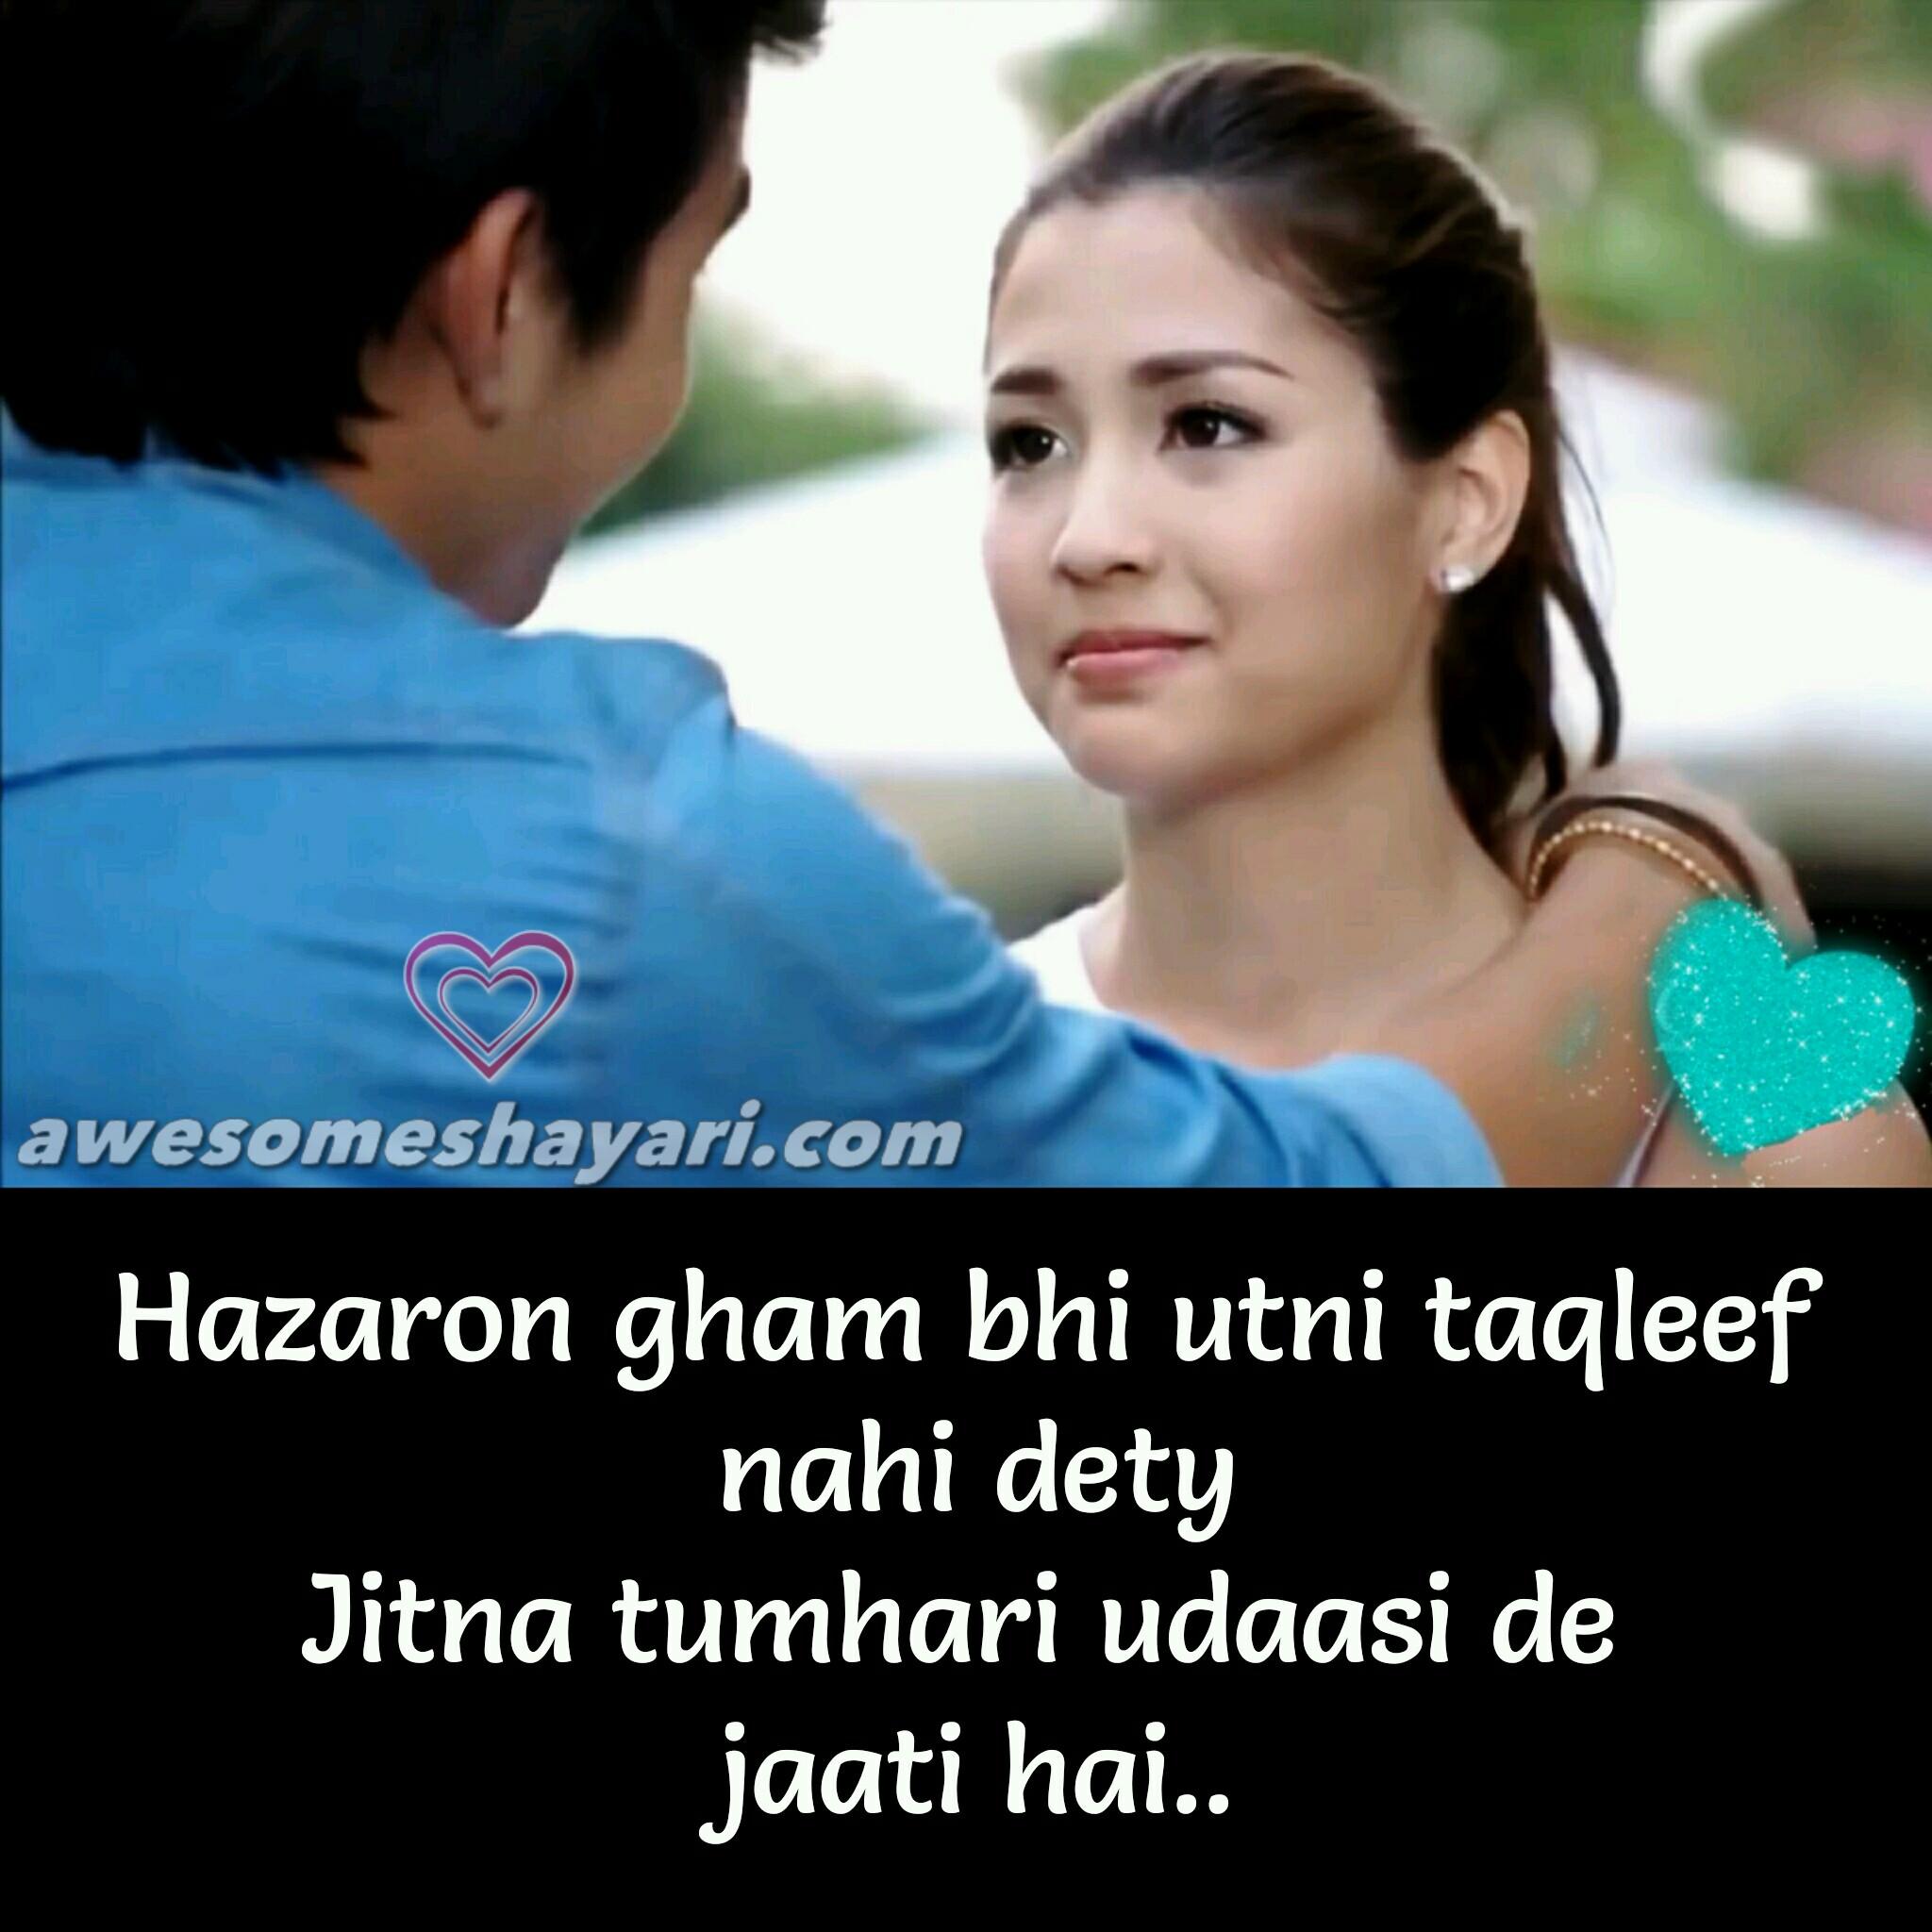 Best shayari to impress Girlfriend